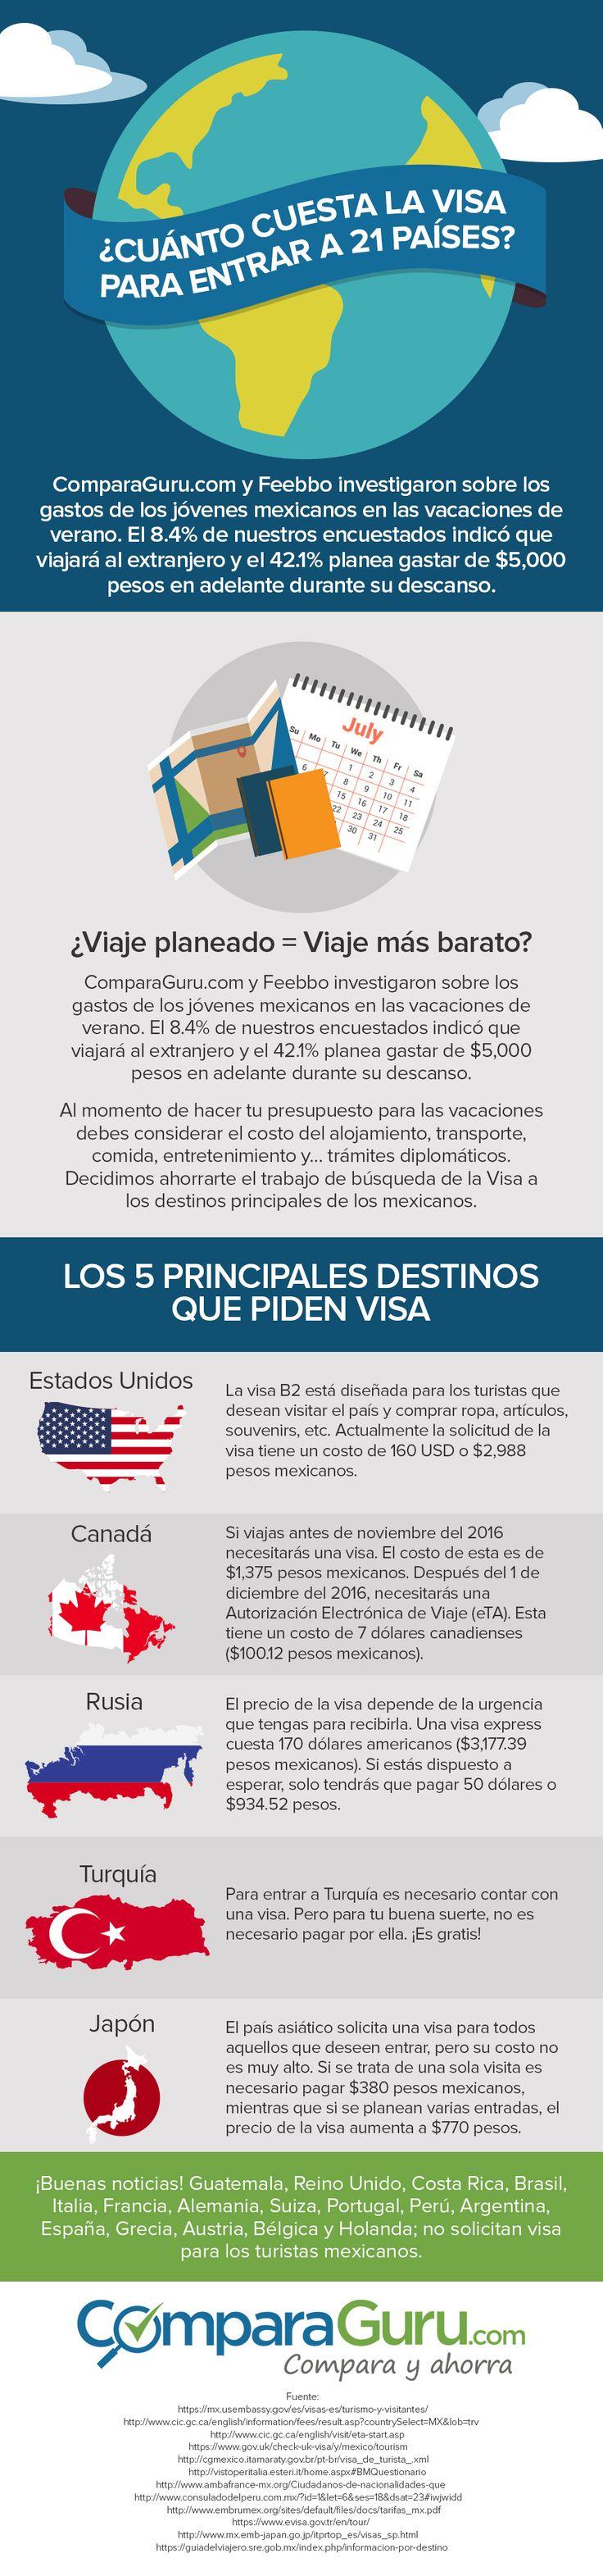 os mexicanos podemos entrar a 133 países sin visa, según el Henley Visa Restrictions Index 2015. Para todos los demás destinos, existe ese trámite llamado Visa de ingreso, que usualmente se resume en llenar algunos formularios y pagar una tarifa. http://www.comparaguru.com/blog/cuanto-cuesta-la-visa-para-viajar-a-otros-paises/